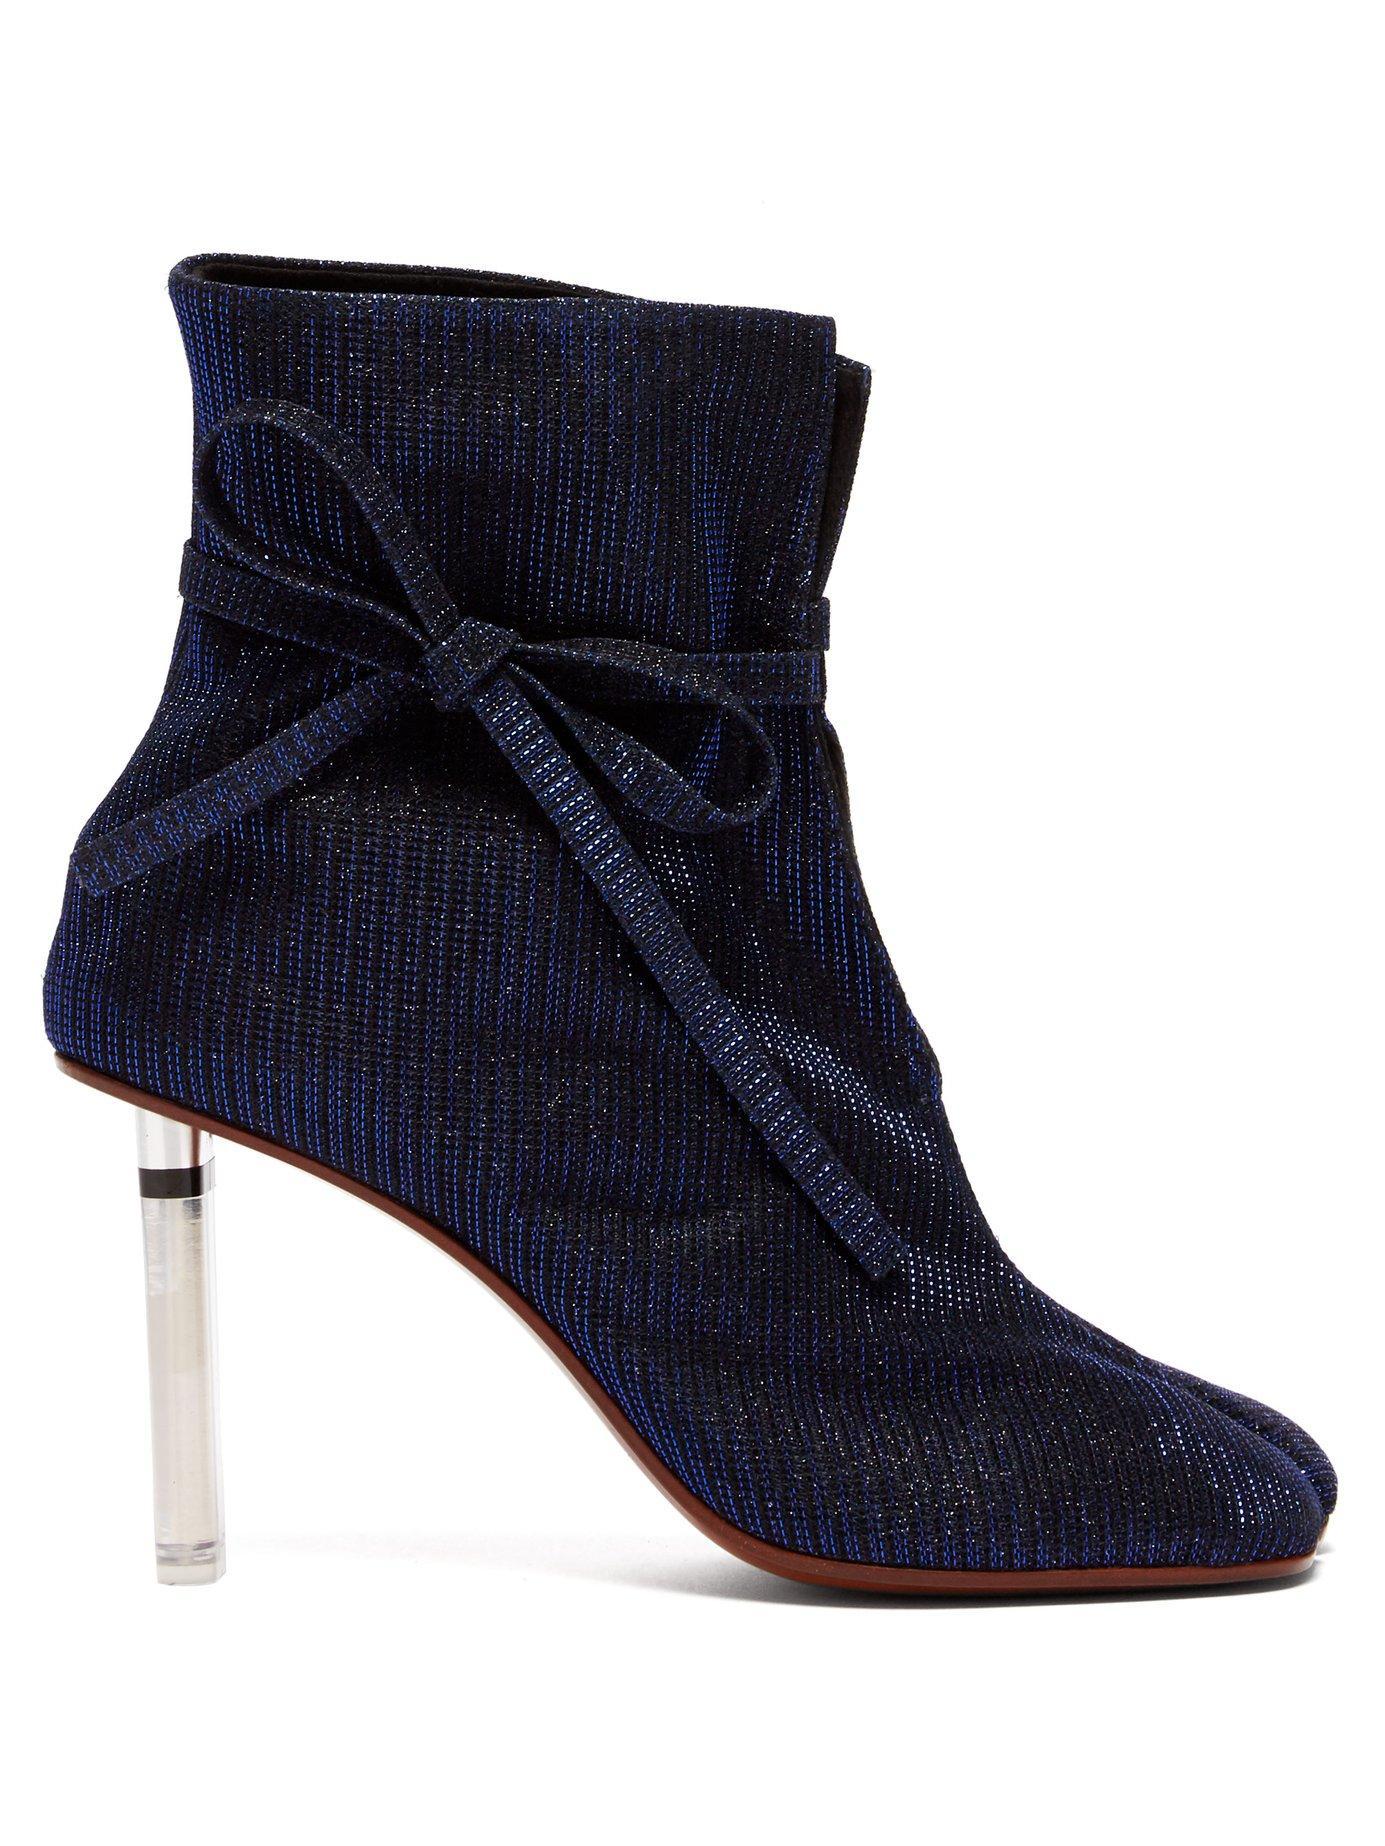 Vetements Geisha Split-Toe Lighter-Heel Ankle Boots In Navy